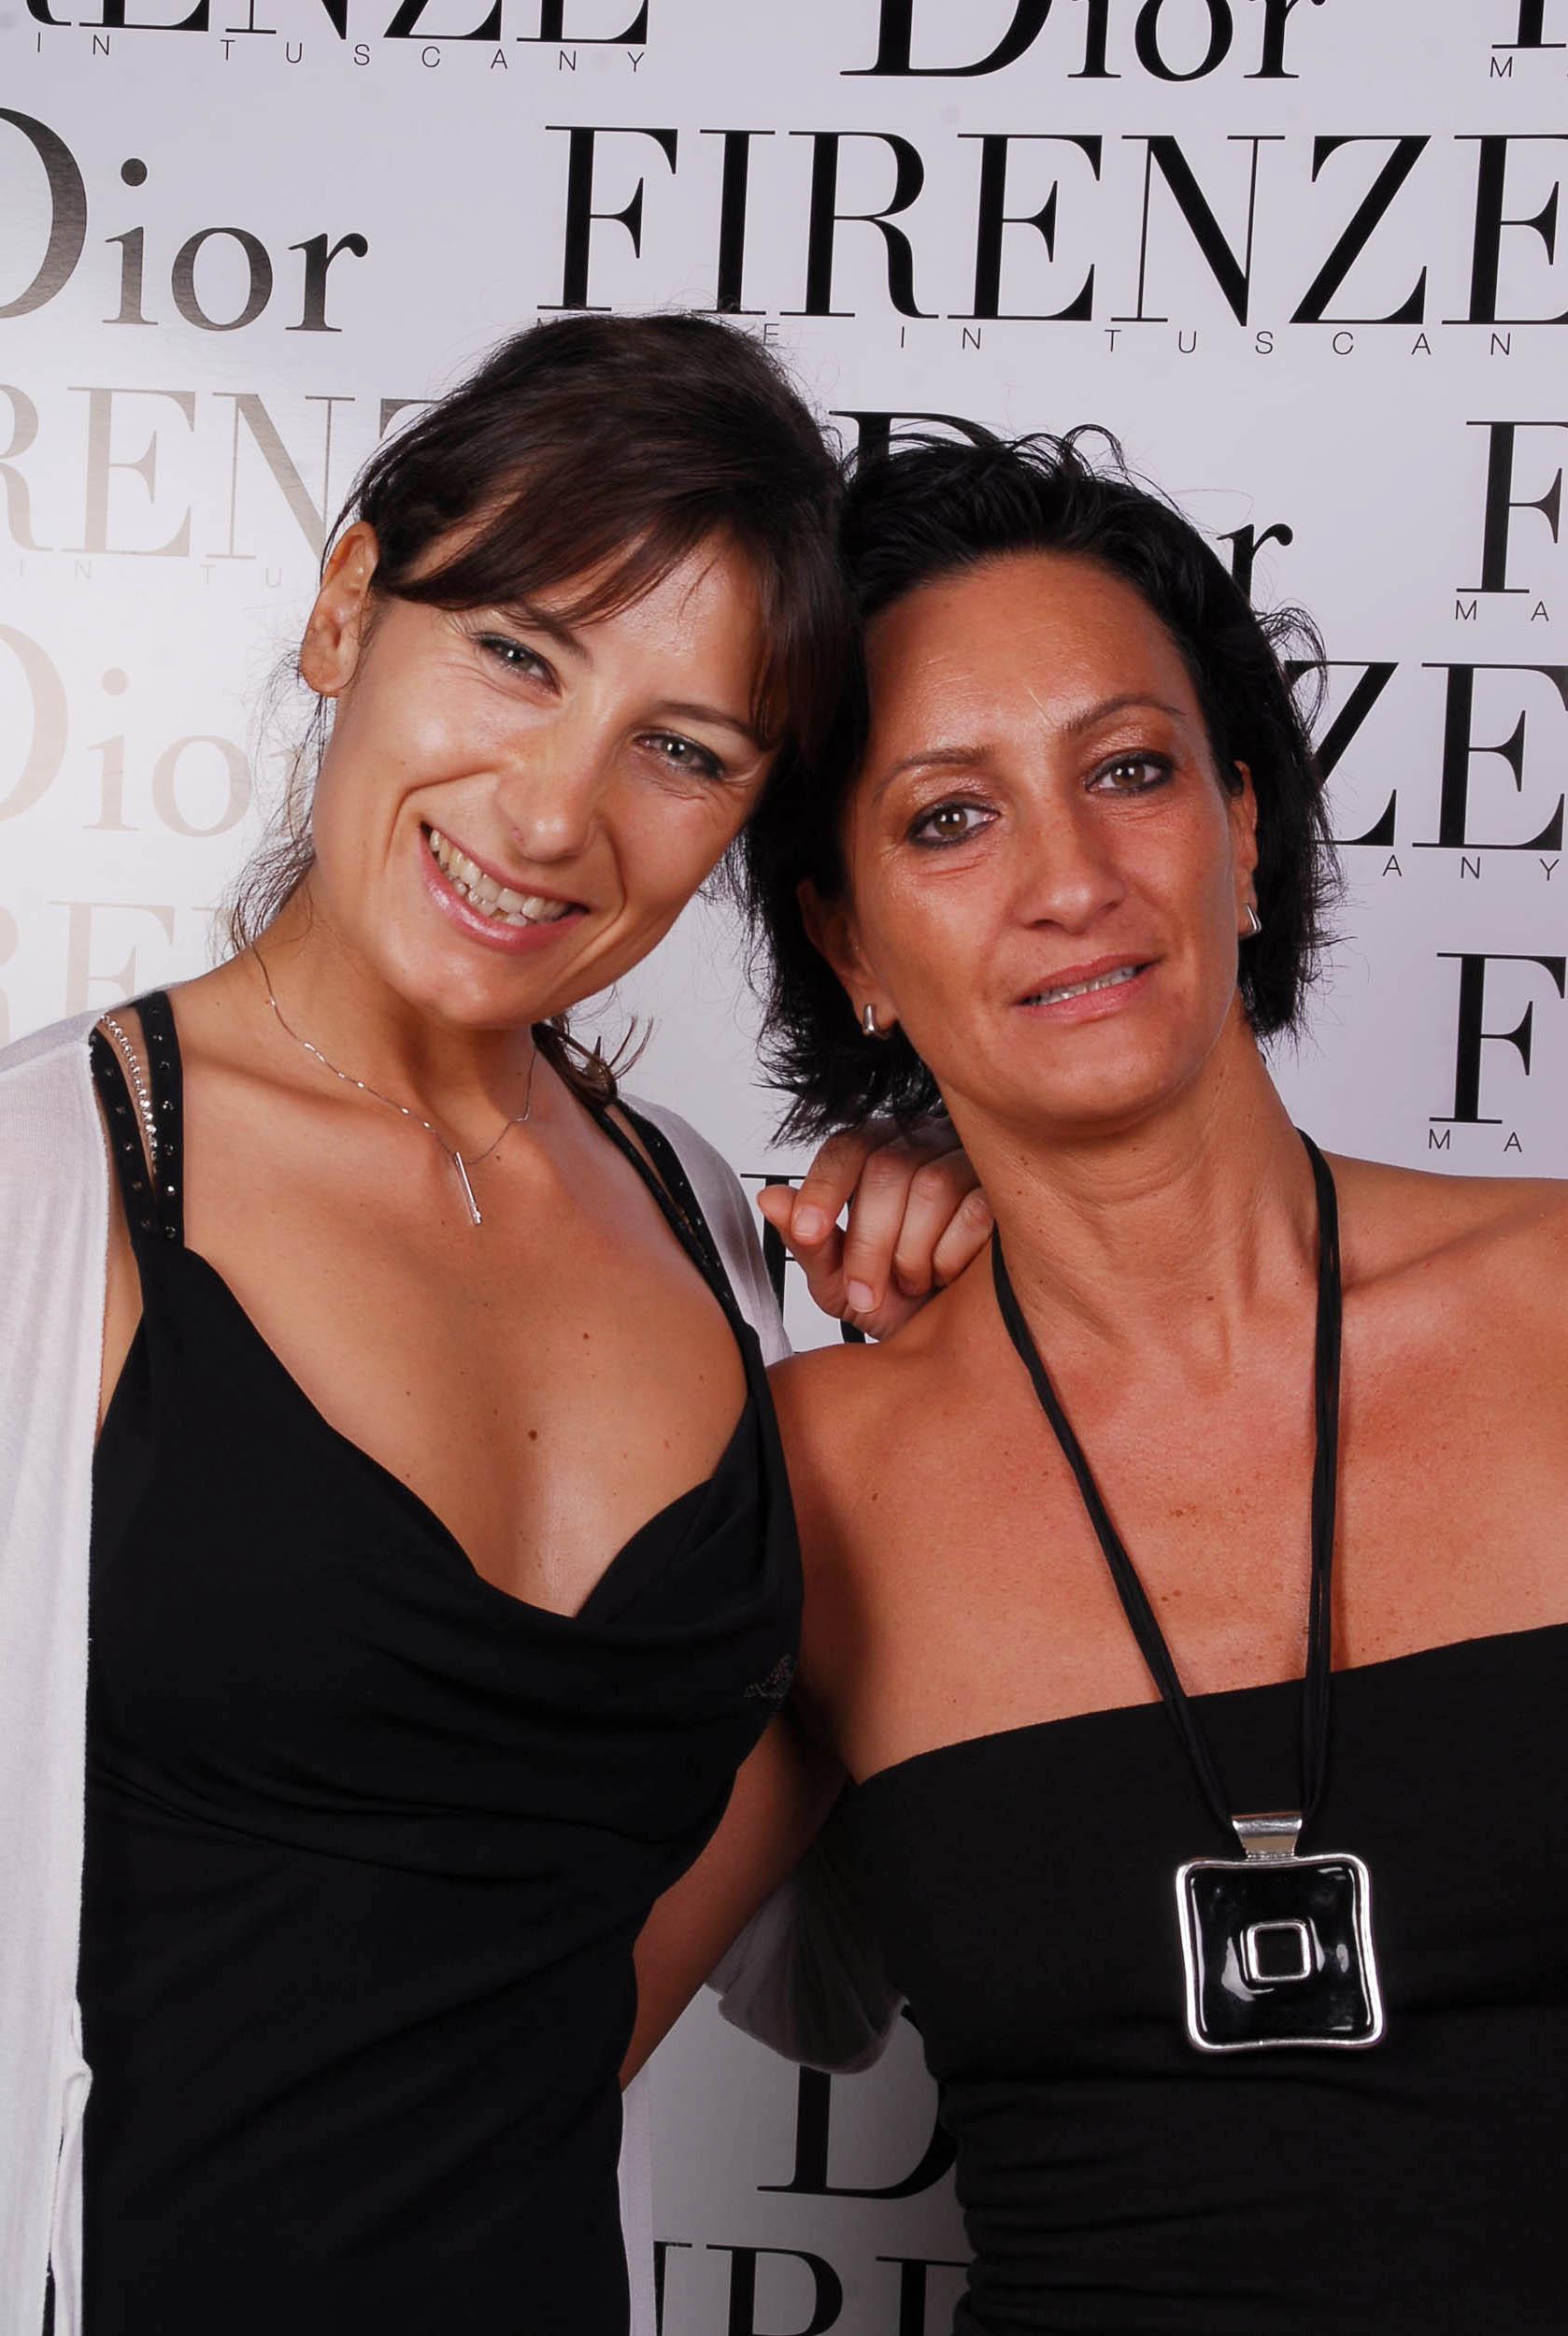 PRESSPHOTO  Firenze, evento Dior al teatro romano di Fiesole. Nella foto Laura Sarti e Susanna Tarchiani